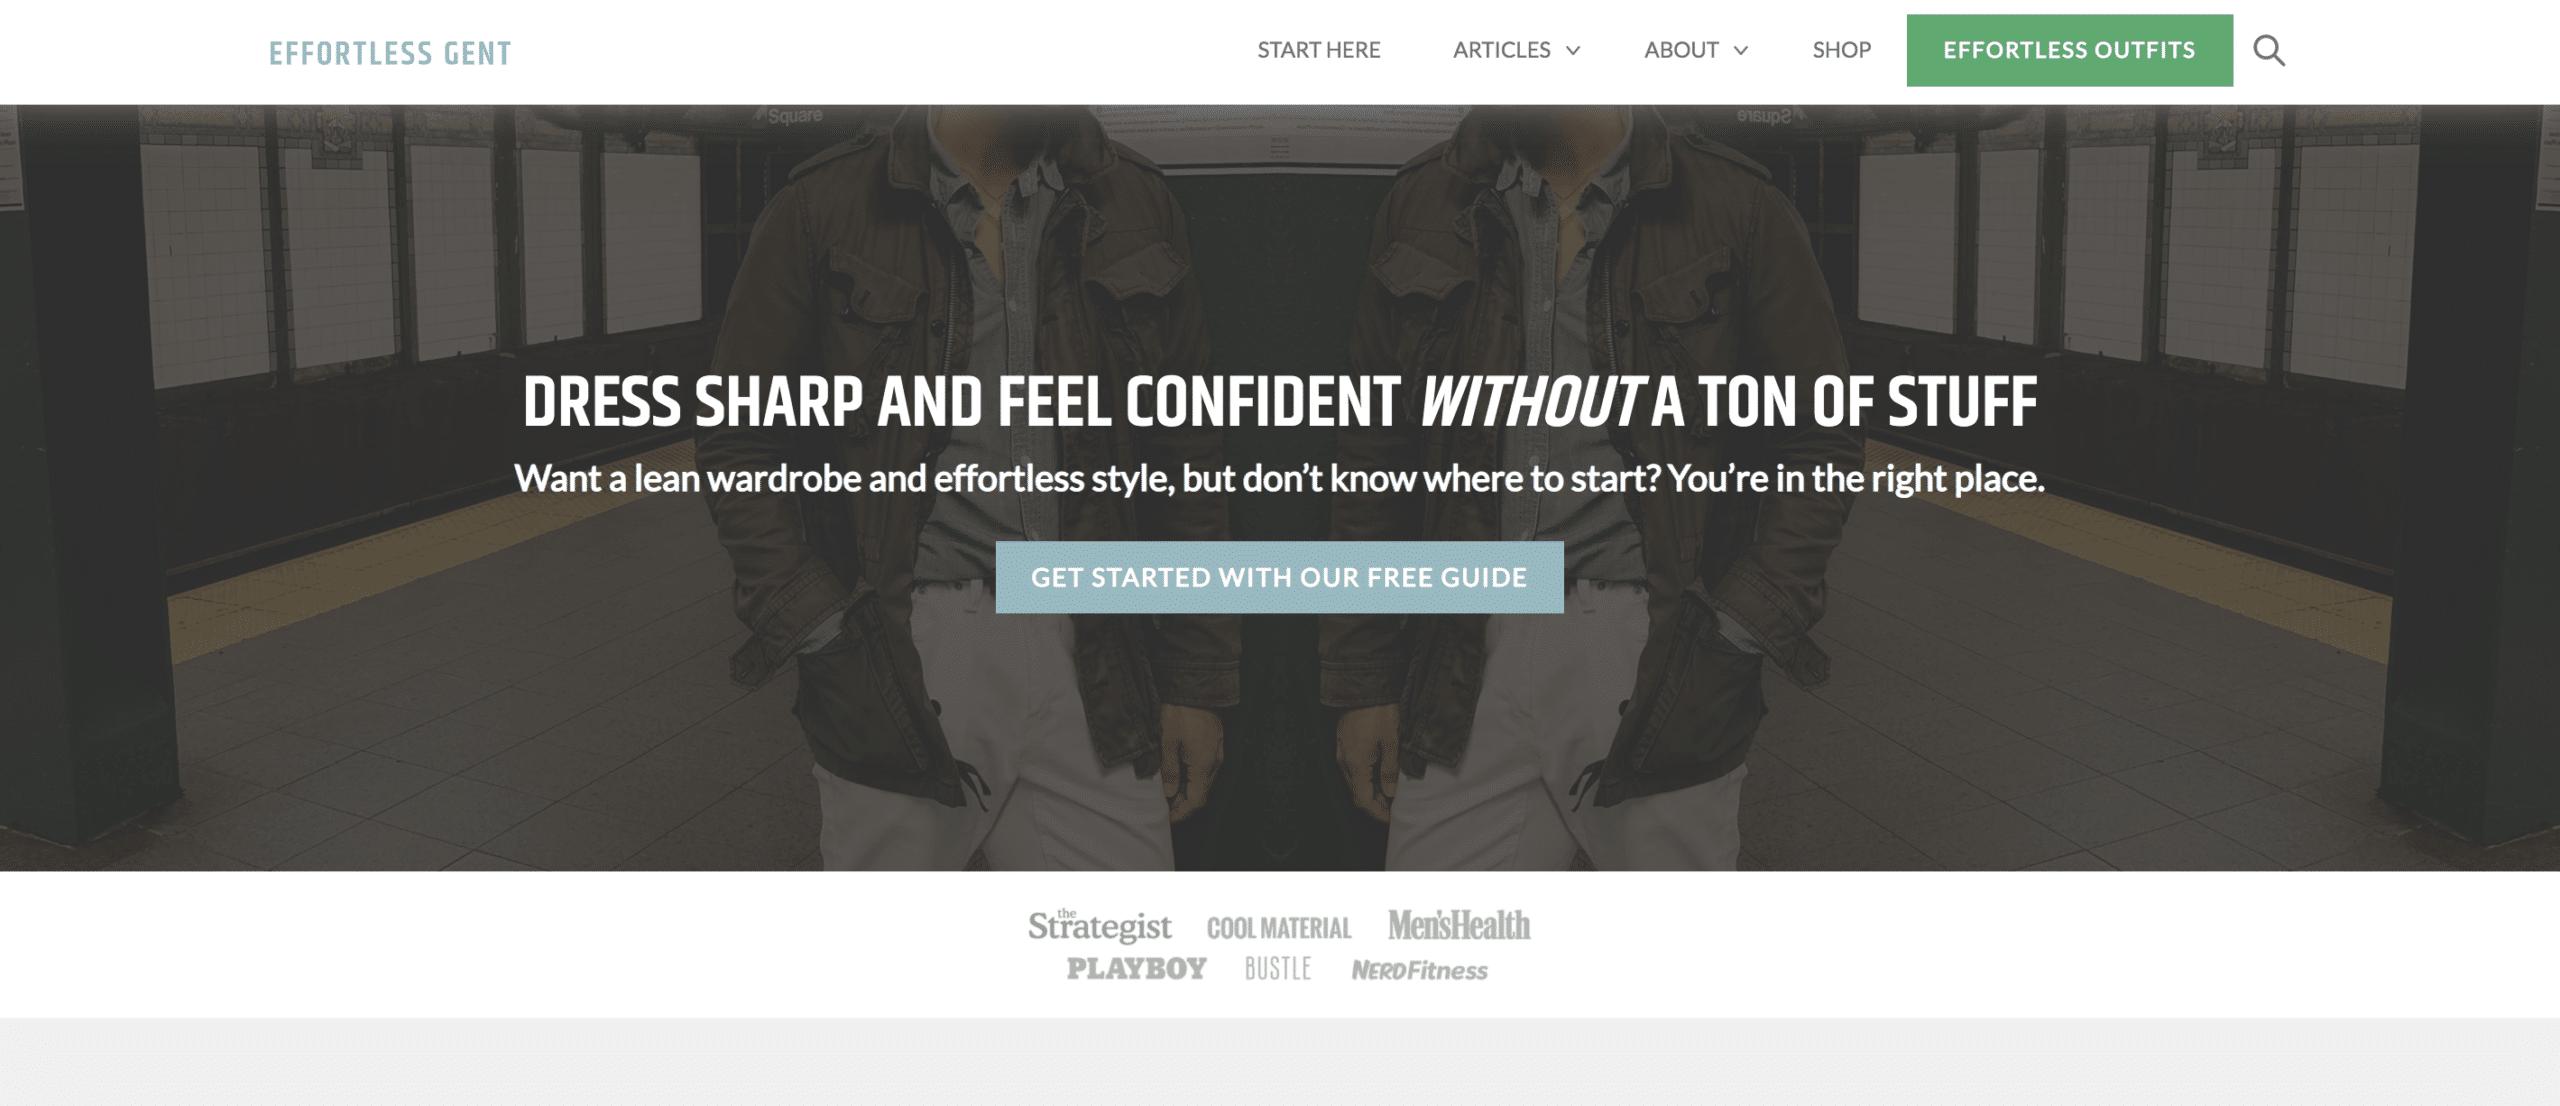 fashion blog effortless gent website homepage